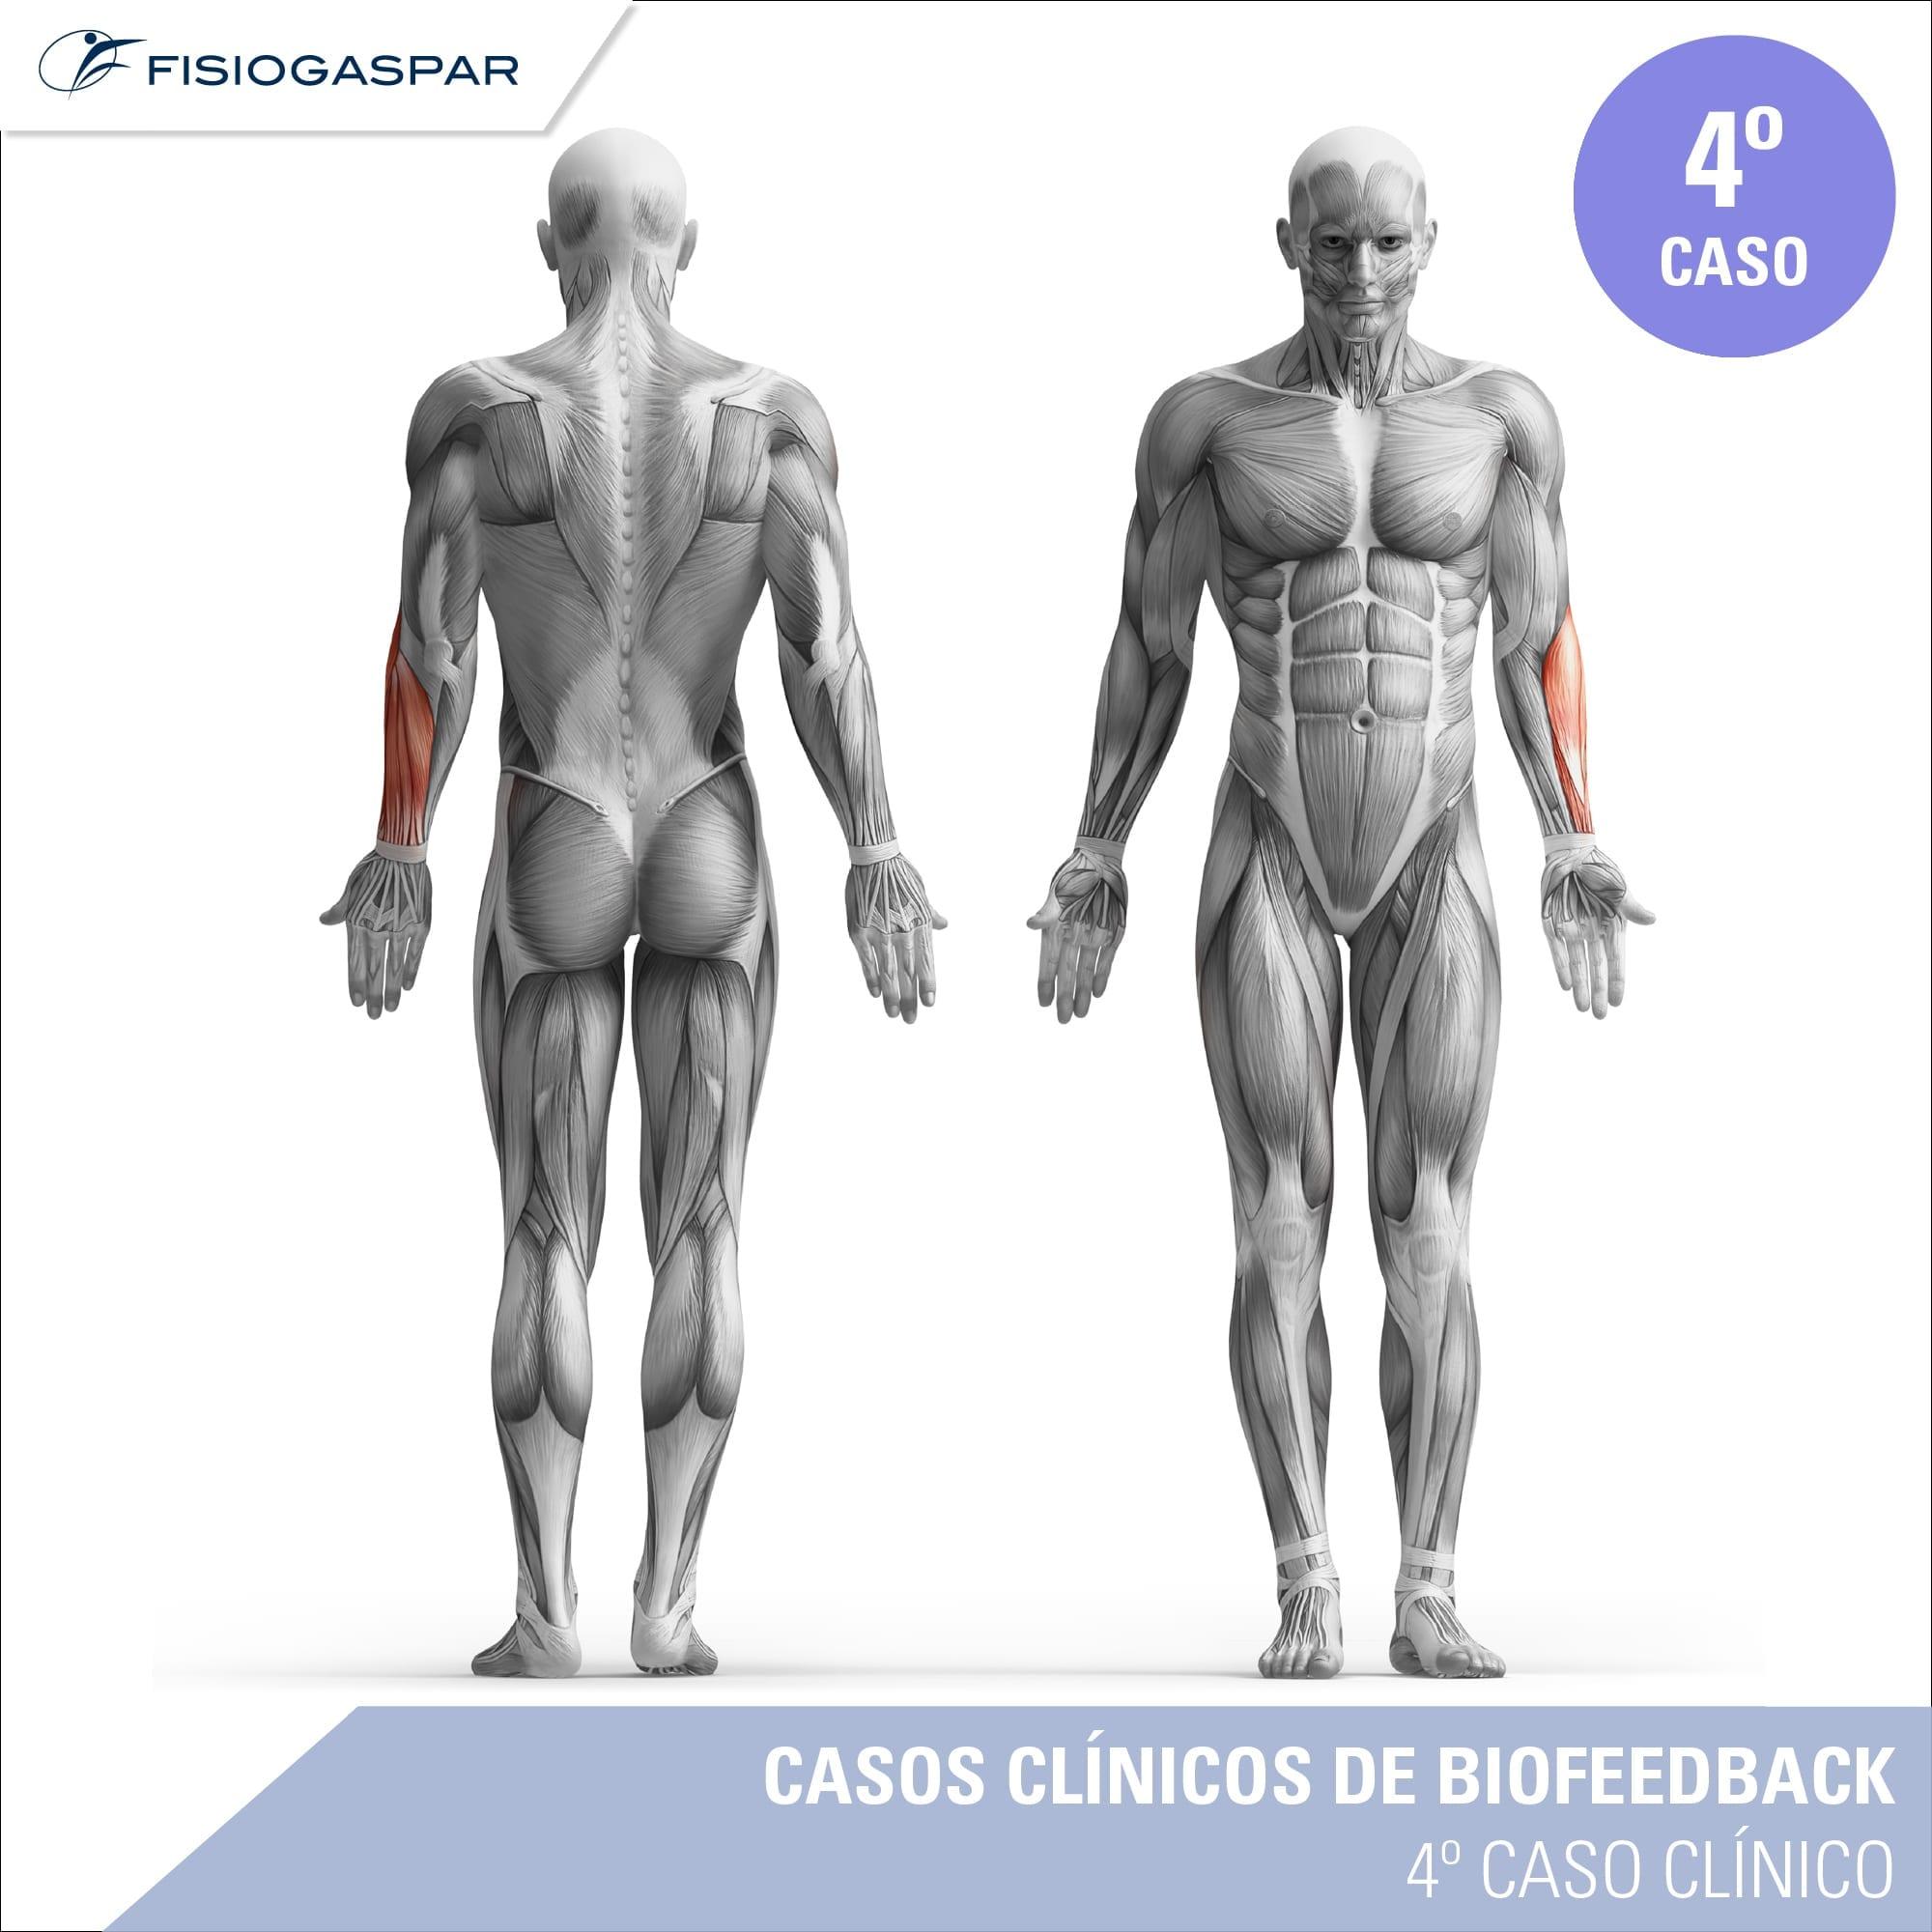 quarto caso clínico de biofeedback